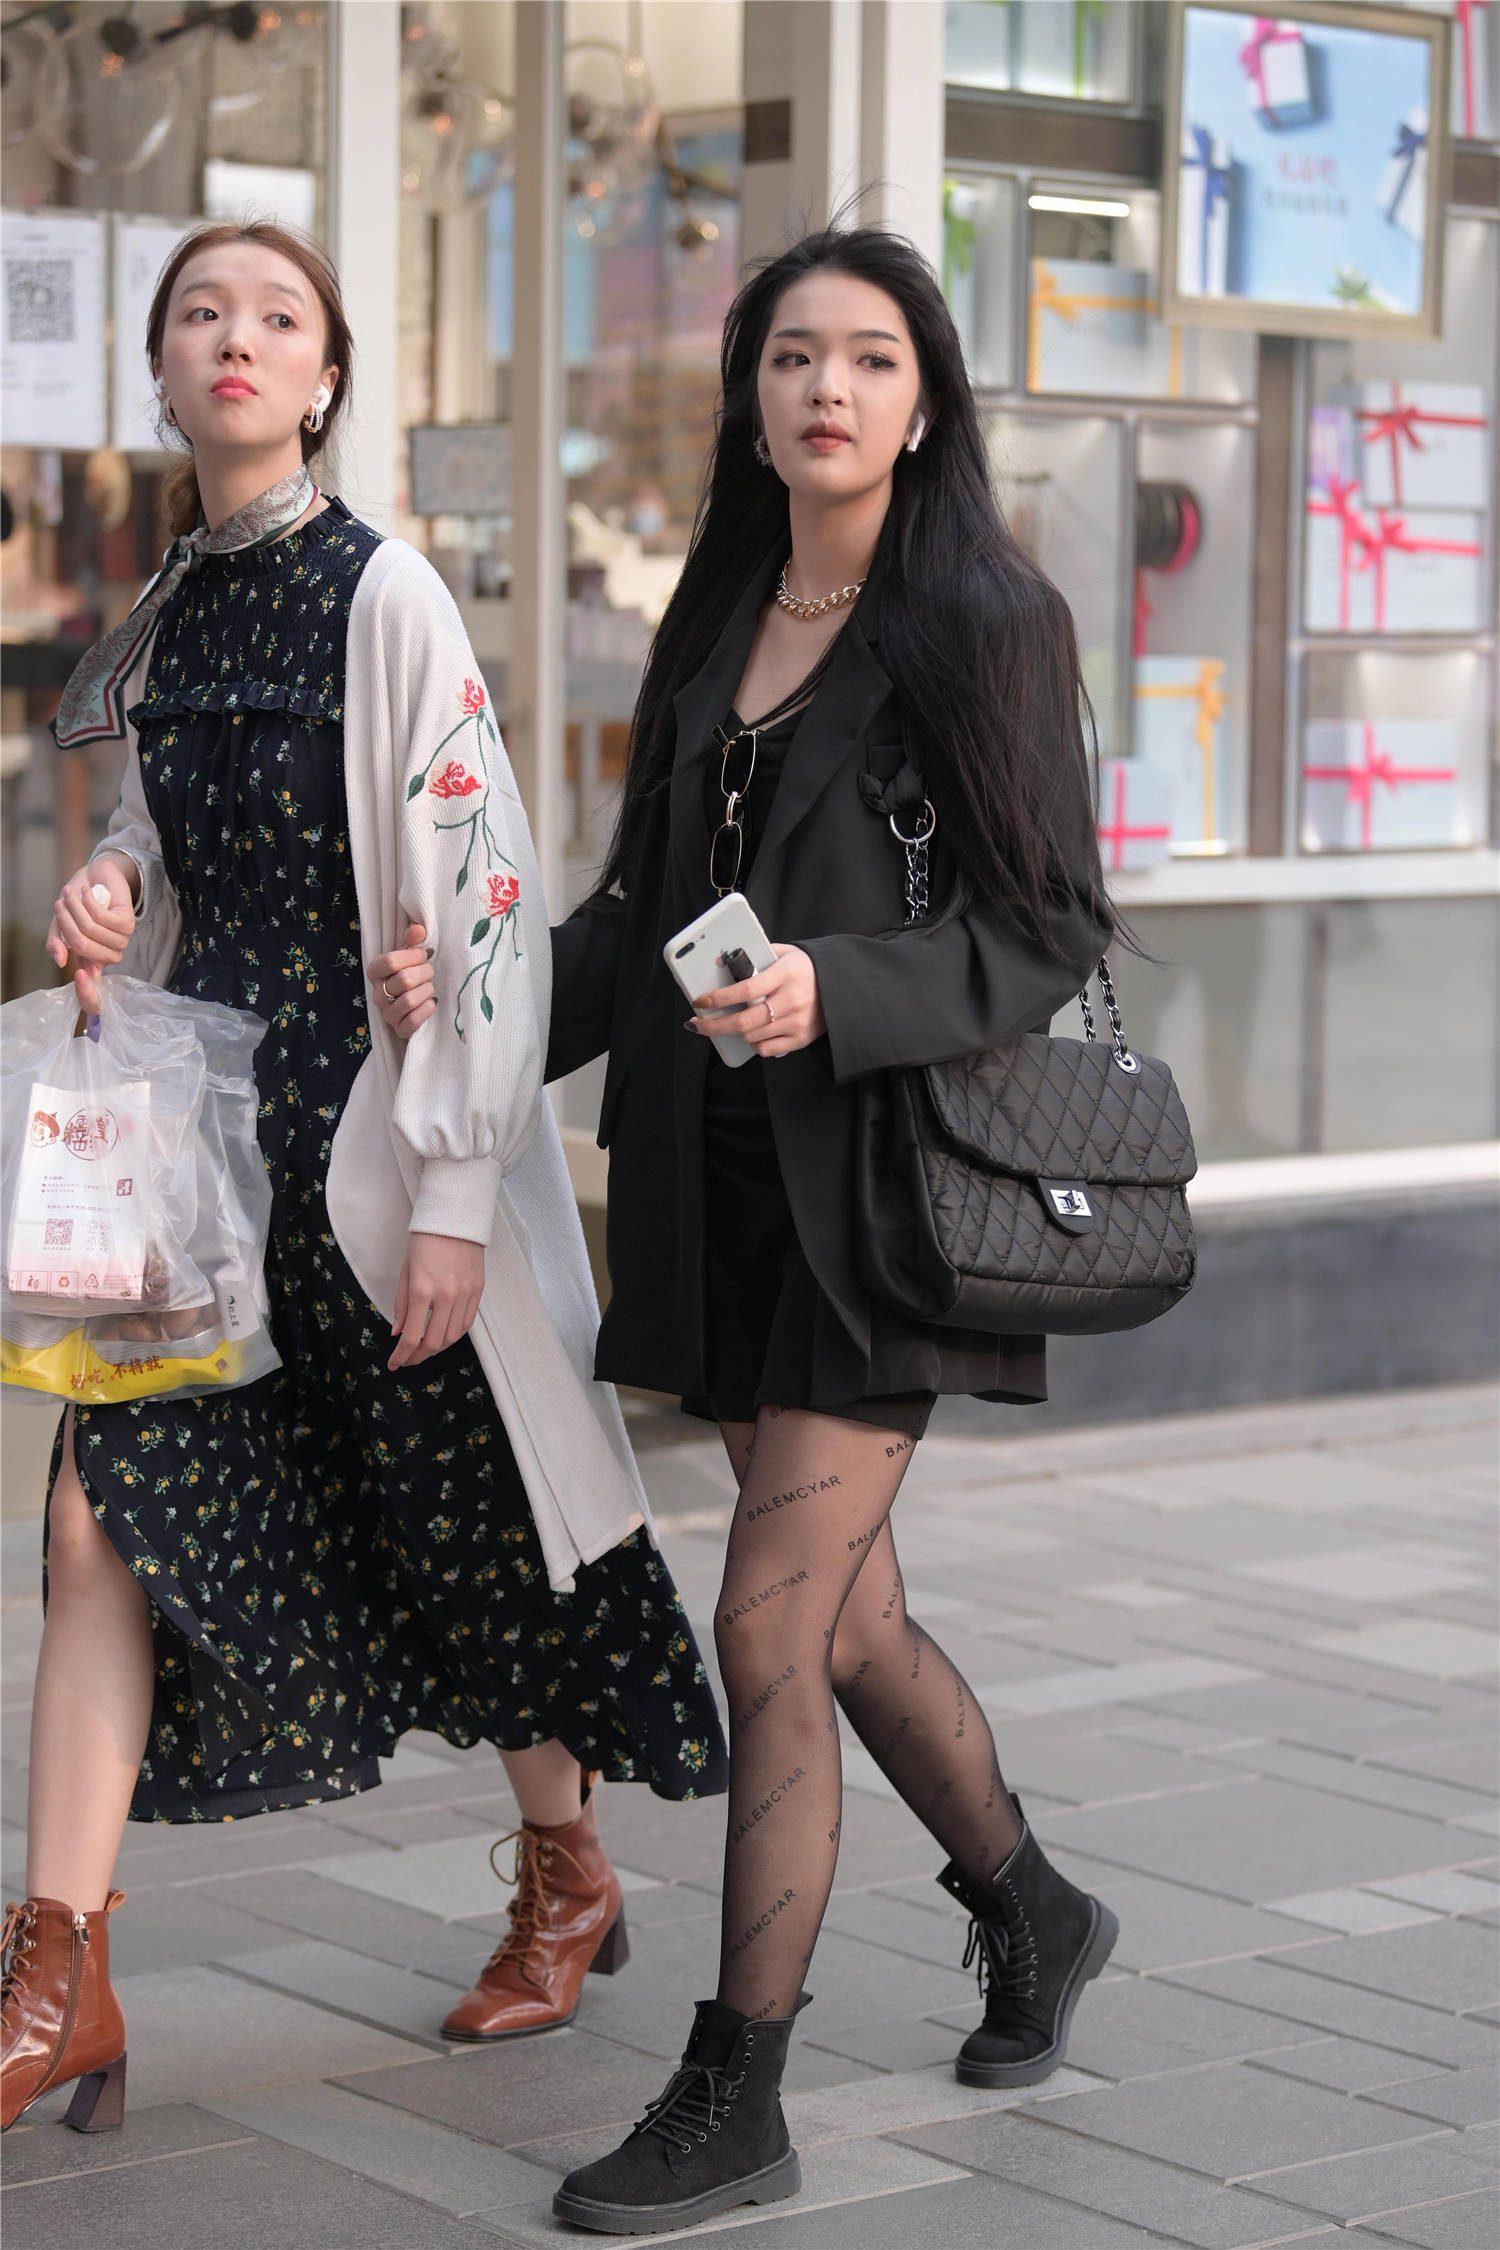 穿着黑色丝袜的女生,搭配高跟鞋还是平底鞋,其实也有讲究